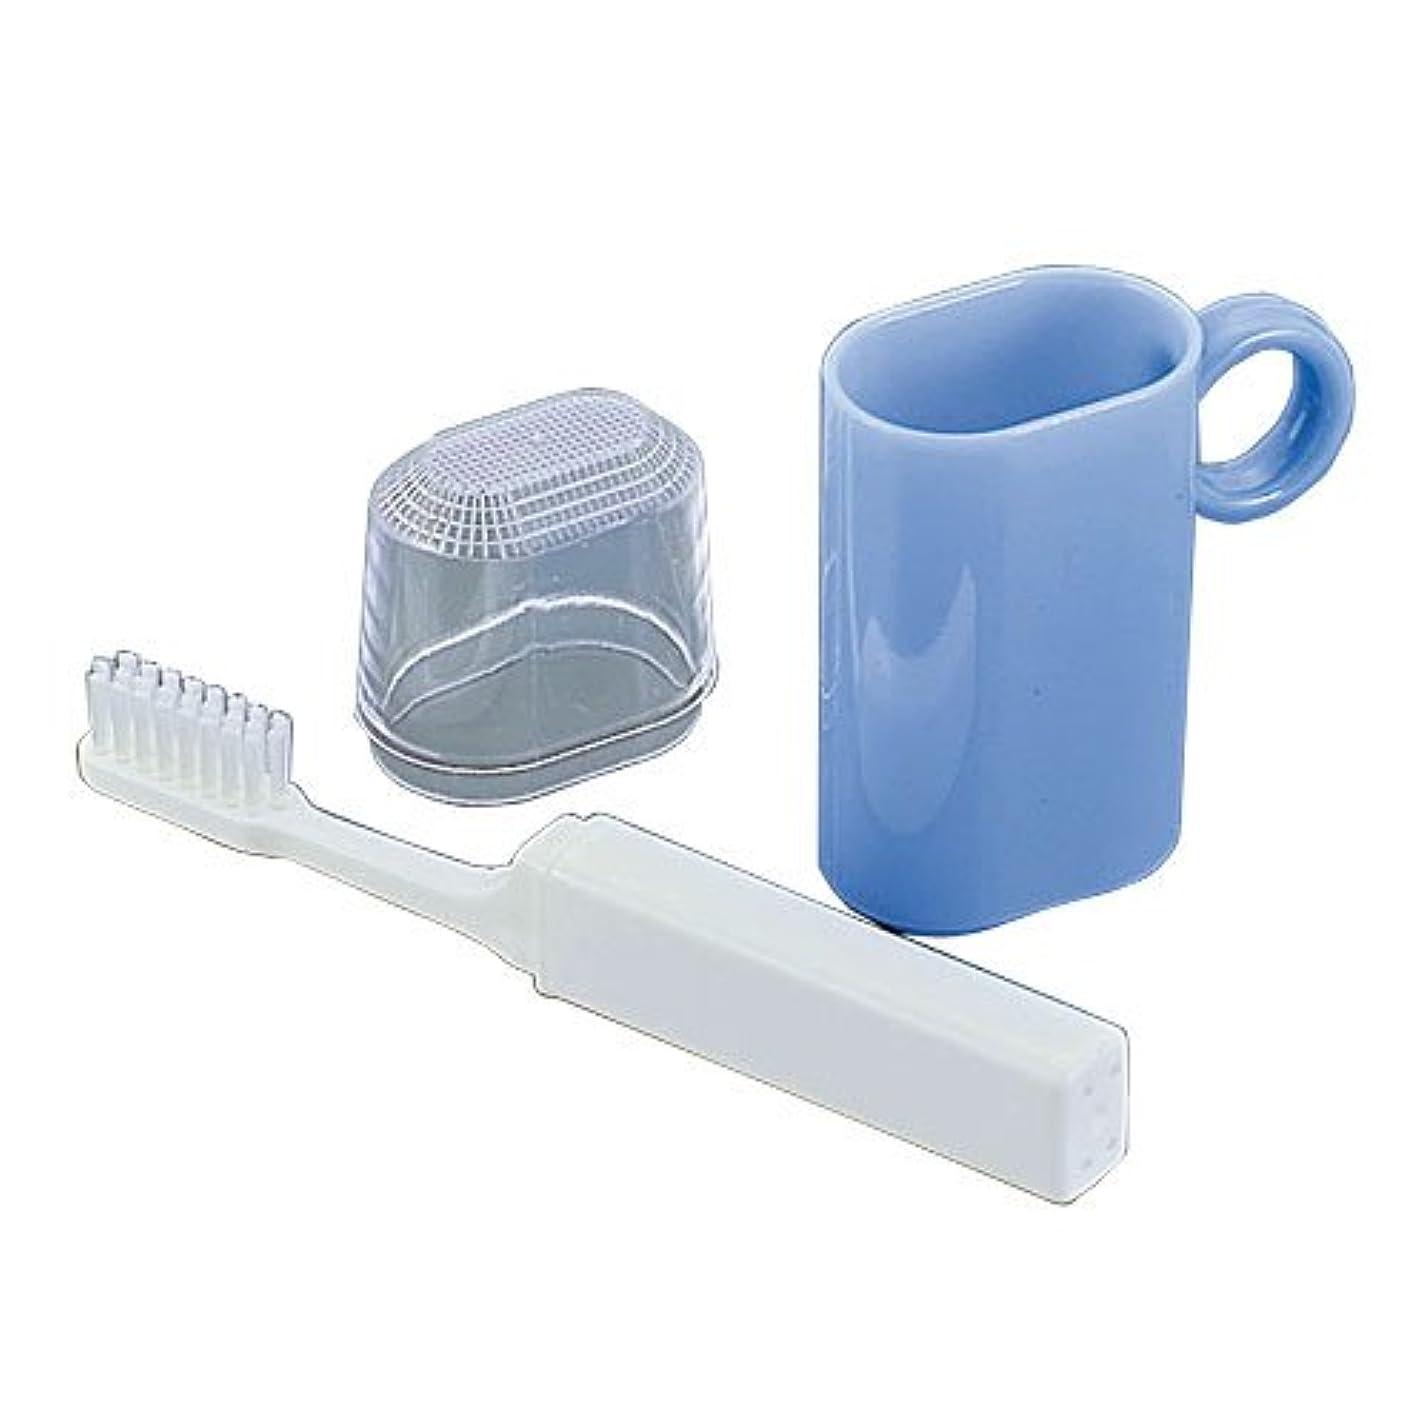 講師定期的なマーチャンダイジングコップ付歯ブラシセット ブルー